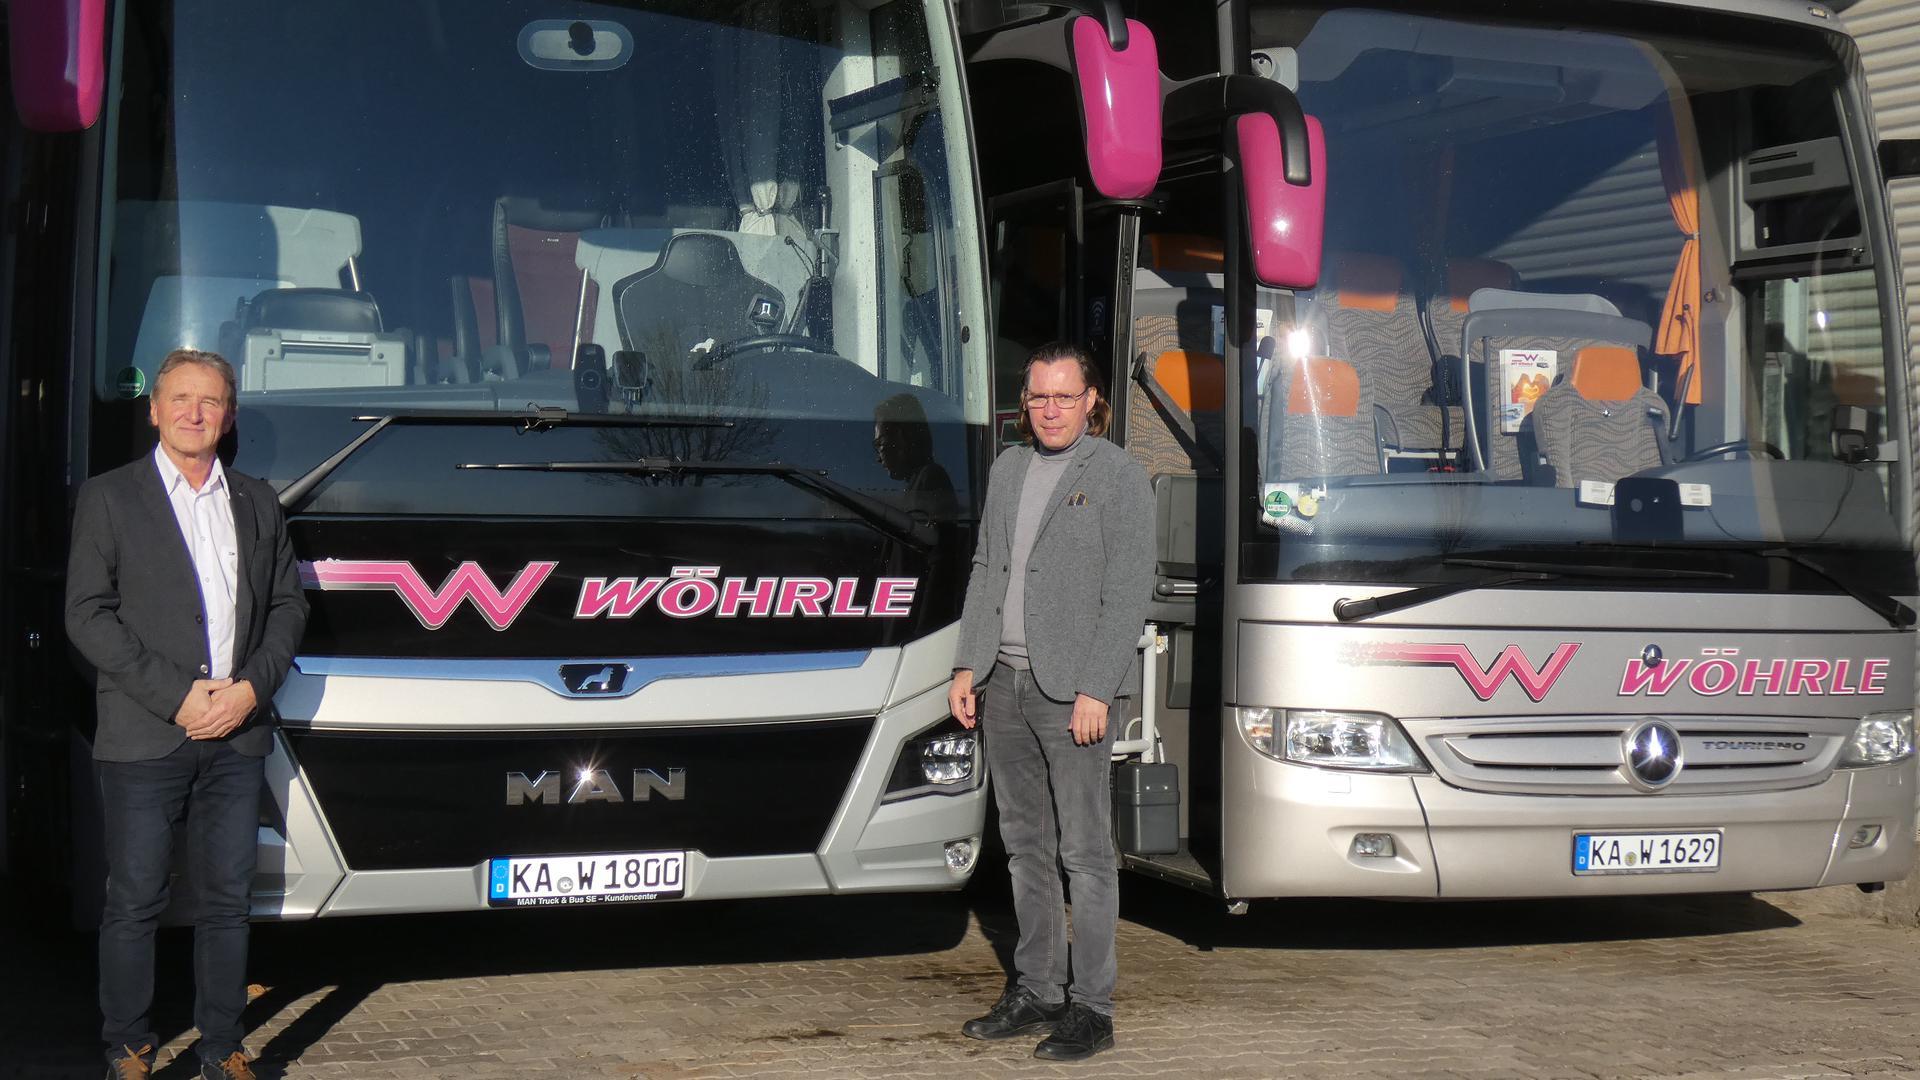 """Detlef Müller (rechts) und Thomas Balmer vor Reisebusen in der Halle in Oberderdingen. Müller ist bereits seit 1981 Busfahrer und seit 1989 bei der Firma Wöhrle beschäftigt. """"Jetzt wären wir eigentlich jedes Wochenende zu Skiausfahrten in die Berge unterwegs"""", bedauert er die Ausfälle."""